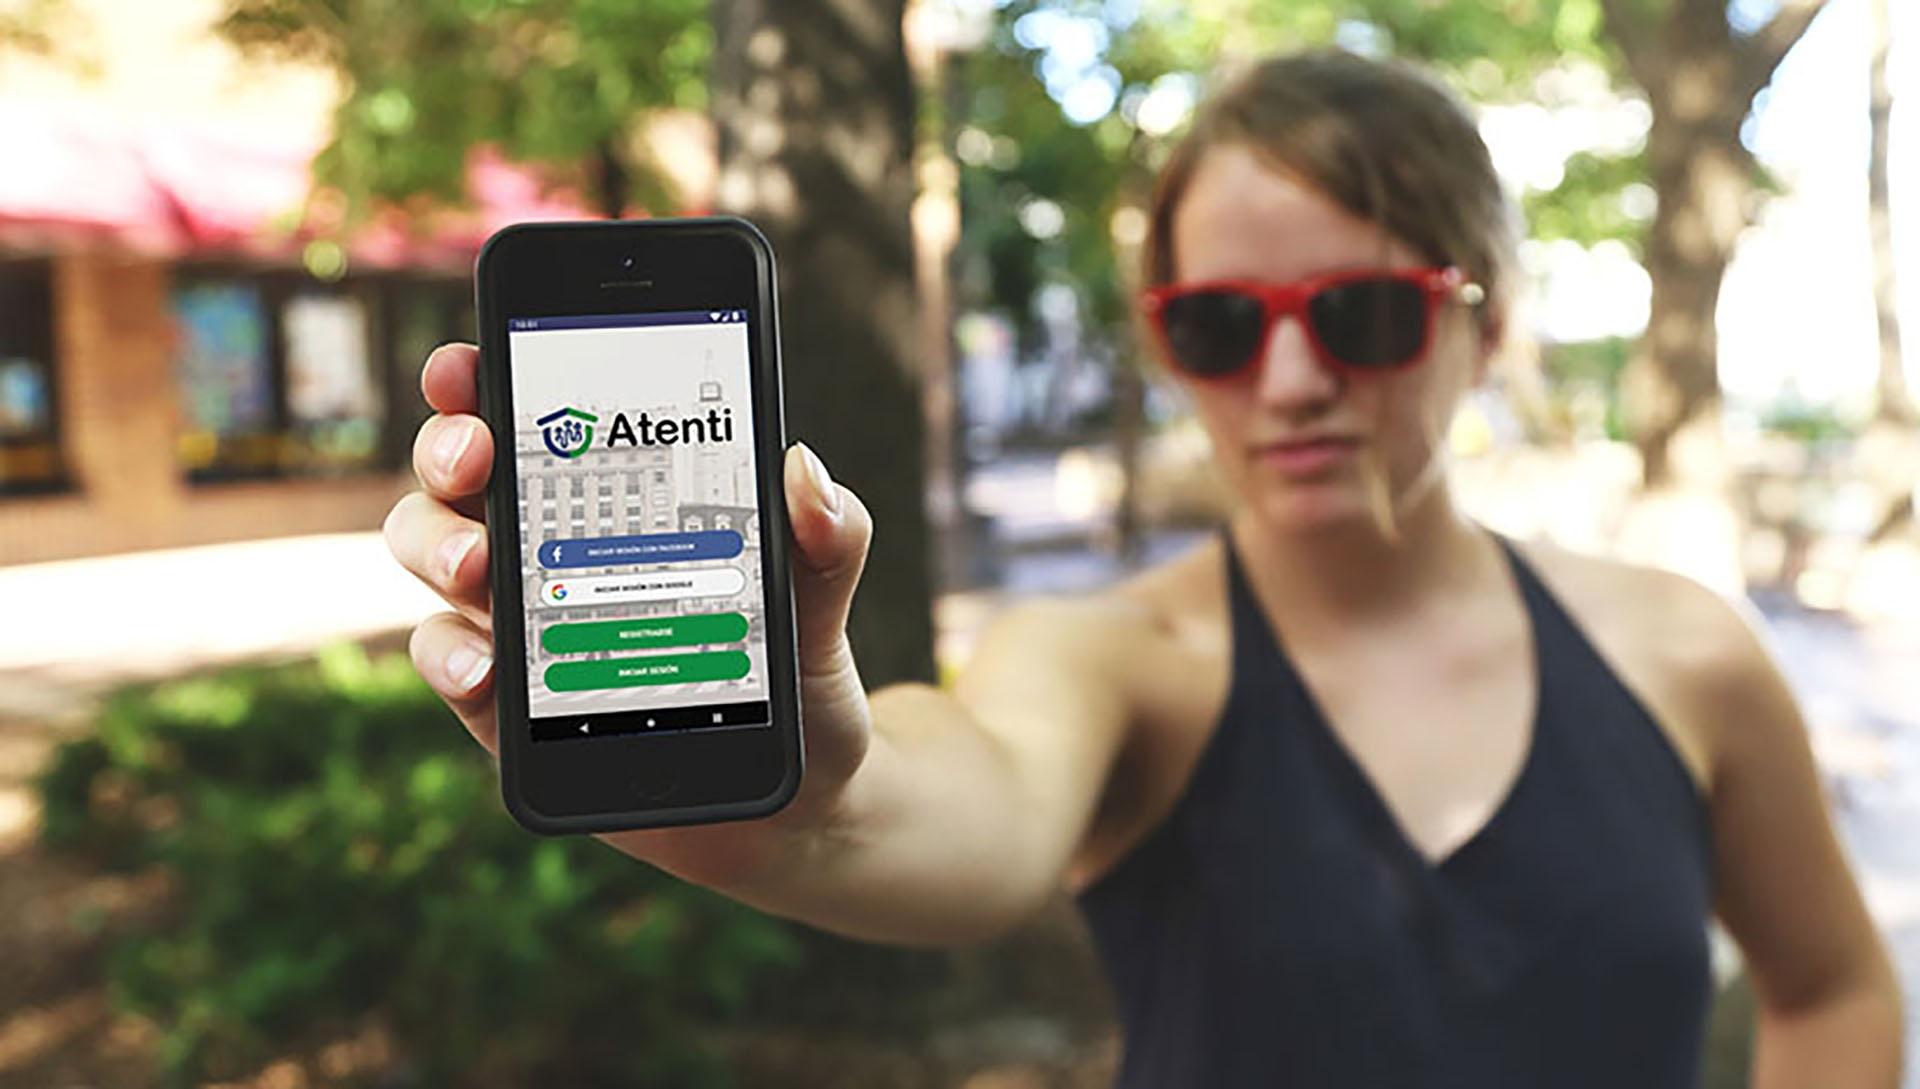 Tucumán: vecinos crean una App para combatir la inseguridad 2